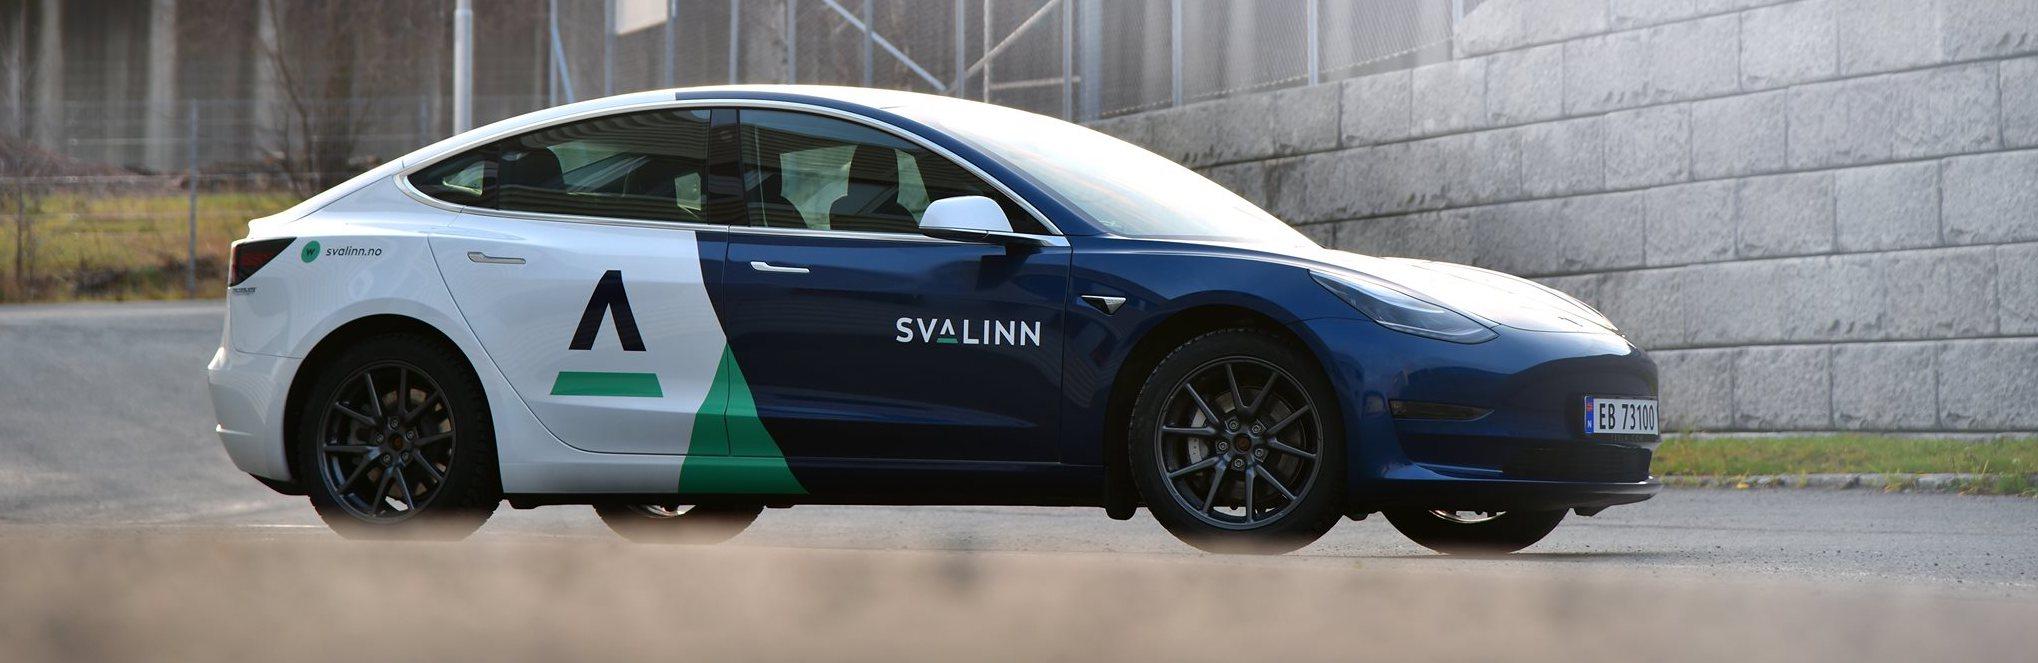 Elektrisk bil Tesla med Svalinn profilering står foran en mur i solskinn